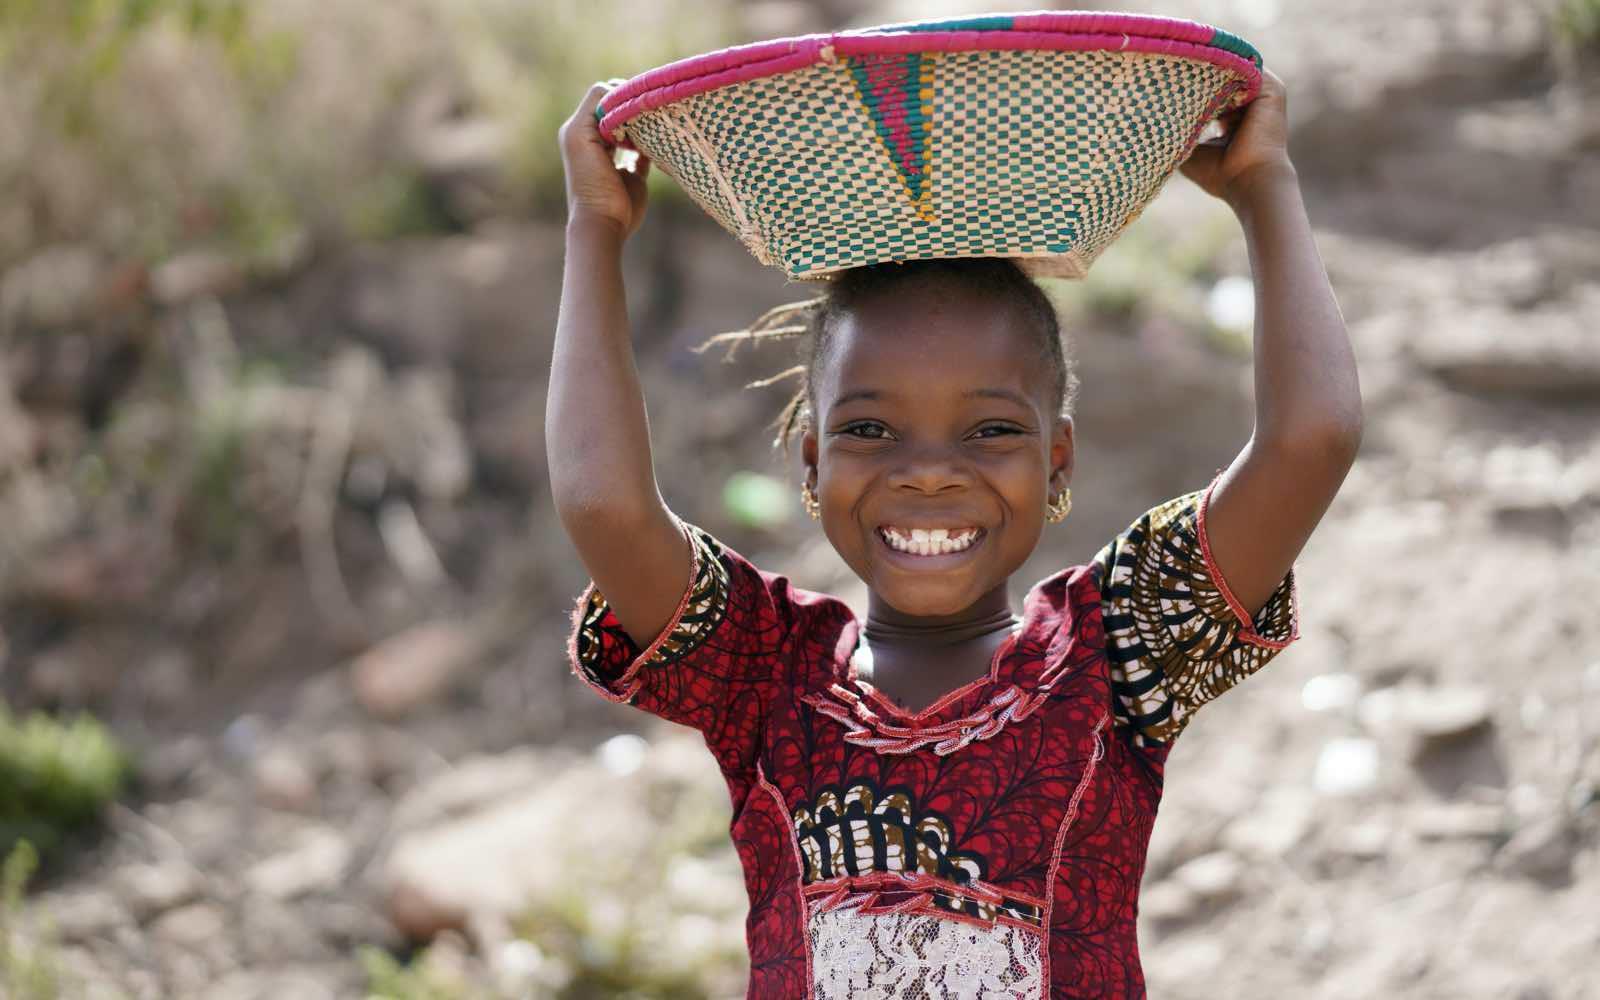 Evig gjestfrihet i Senegal - Teranga frister turister